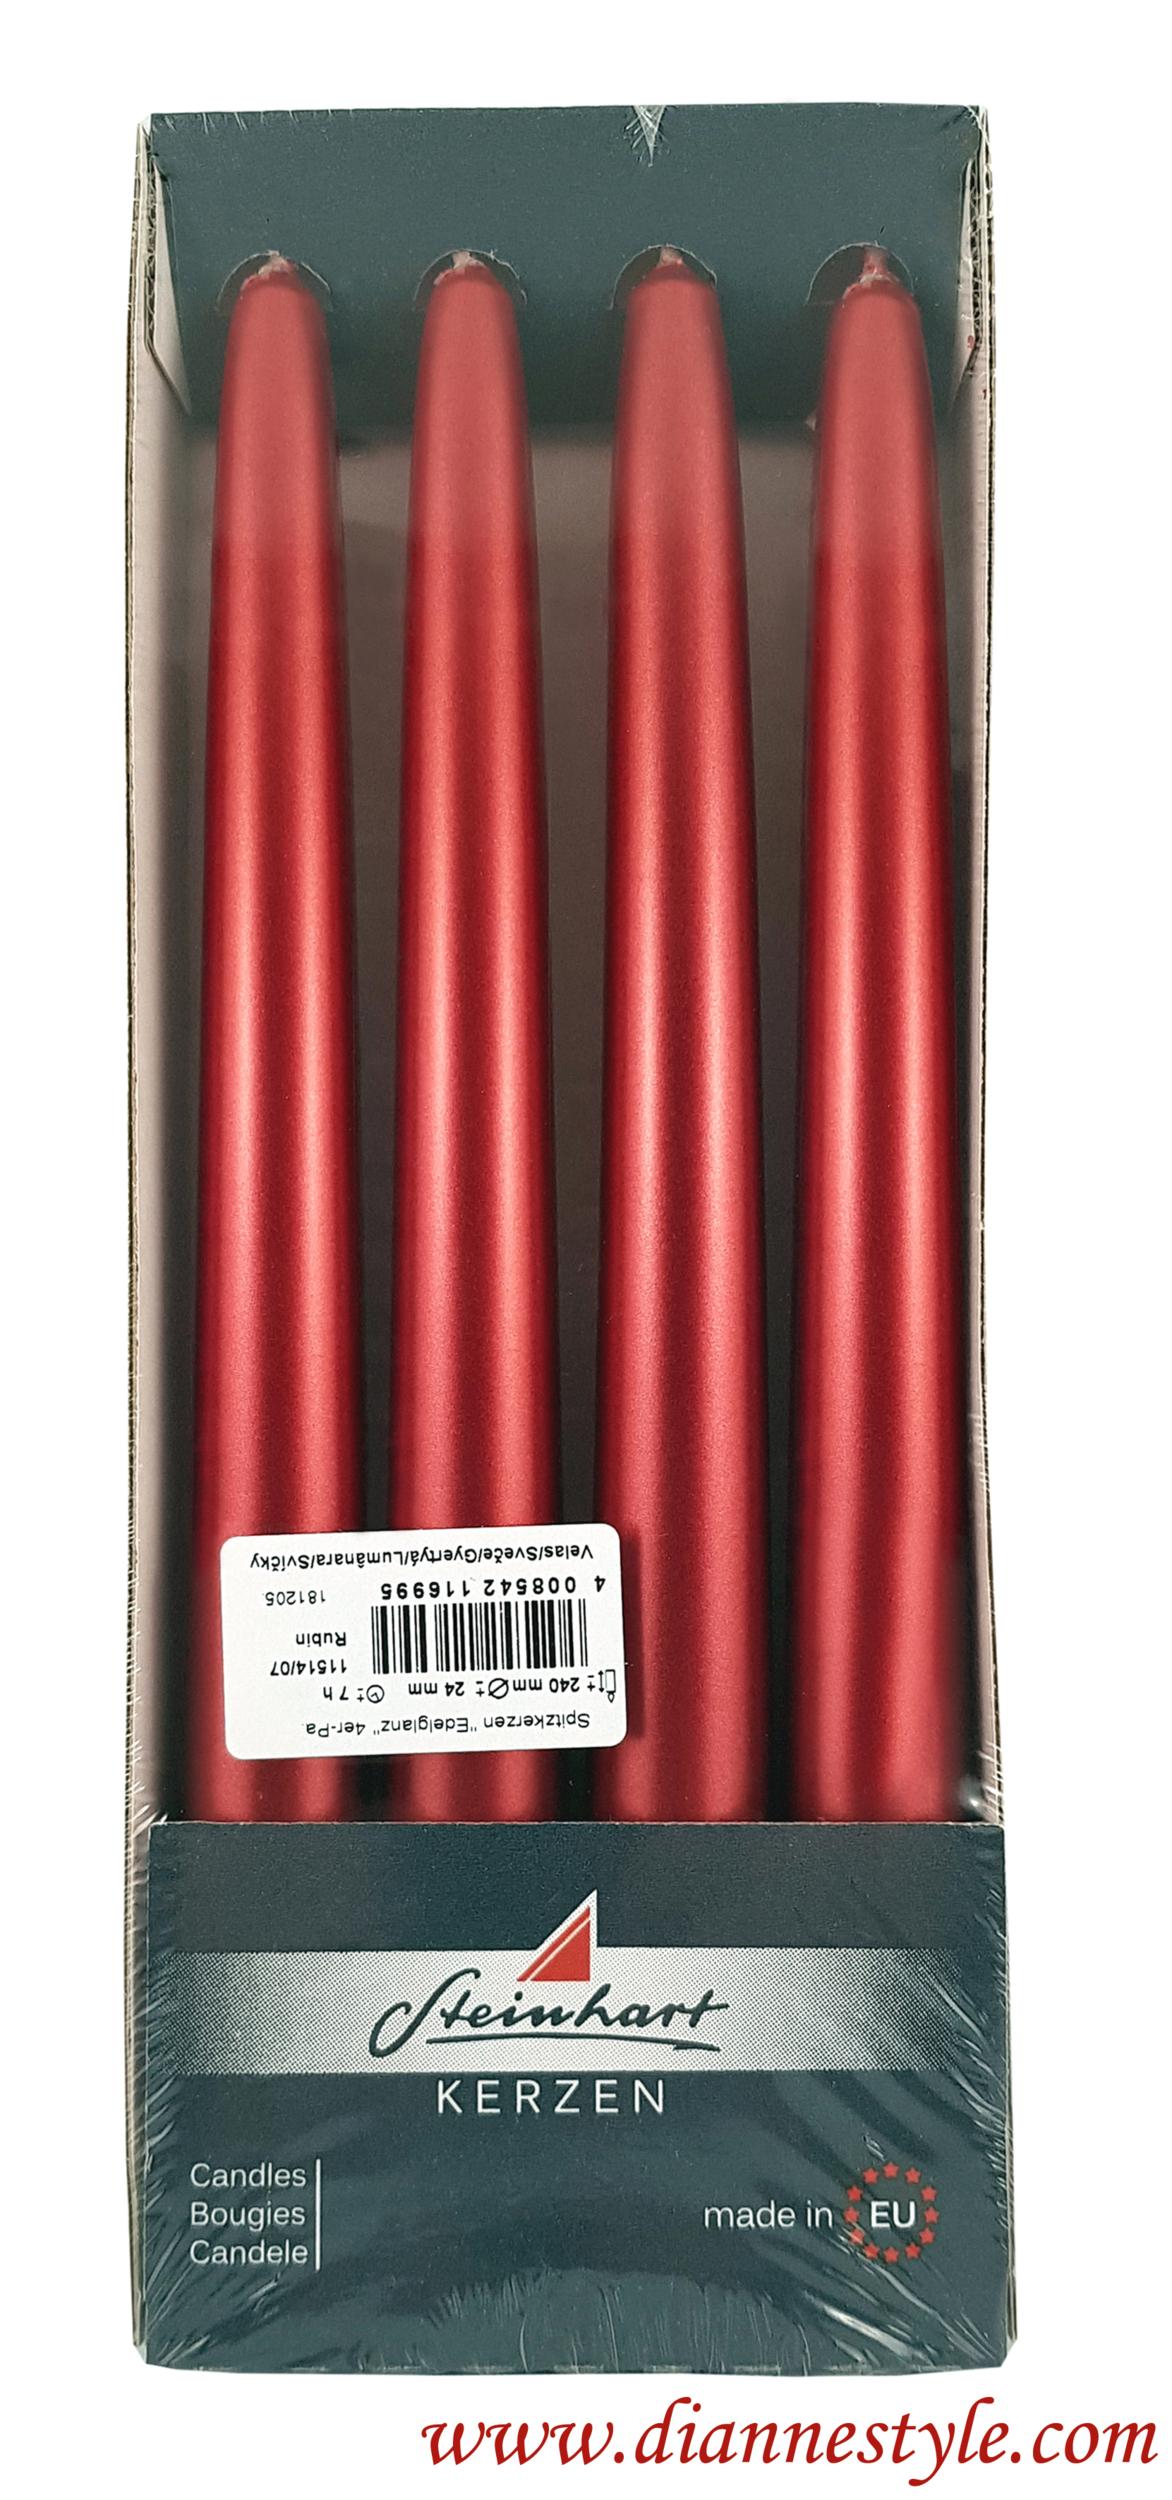 Paquet de 4 bougies coloris rubis métallisé. Réf. 183